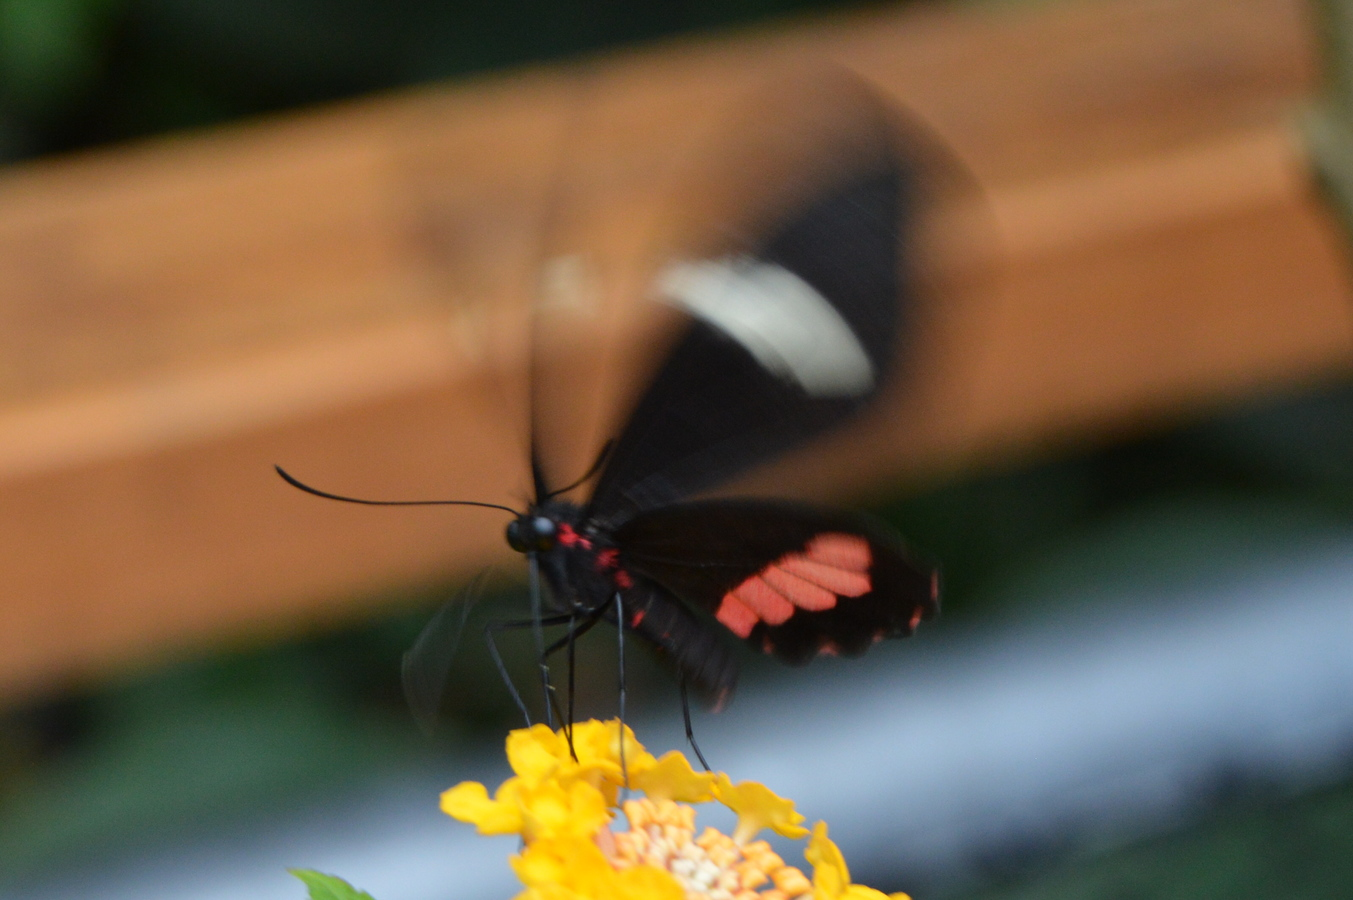 motýlek z blízka